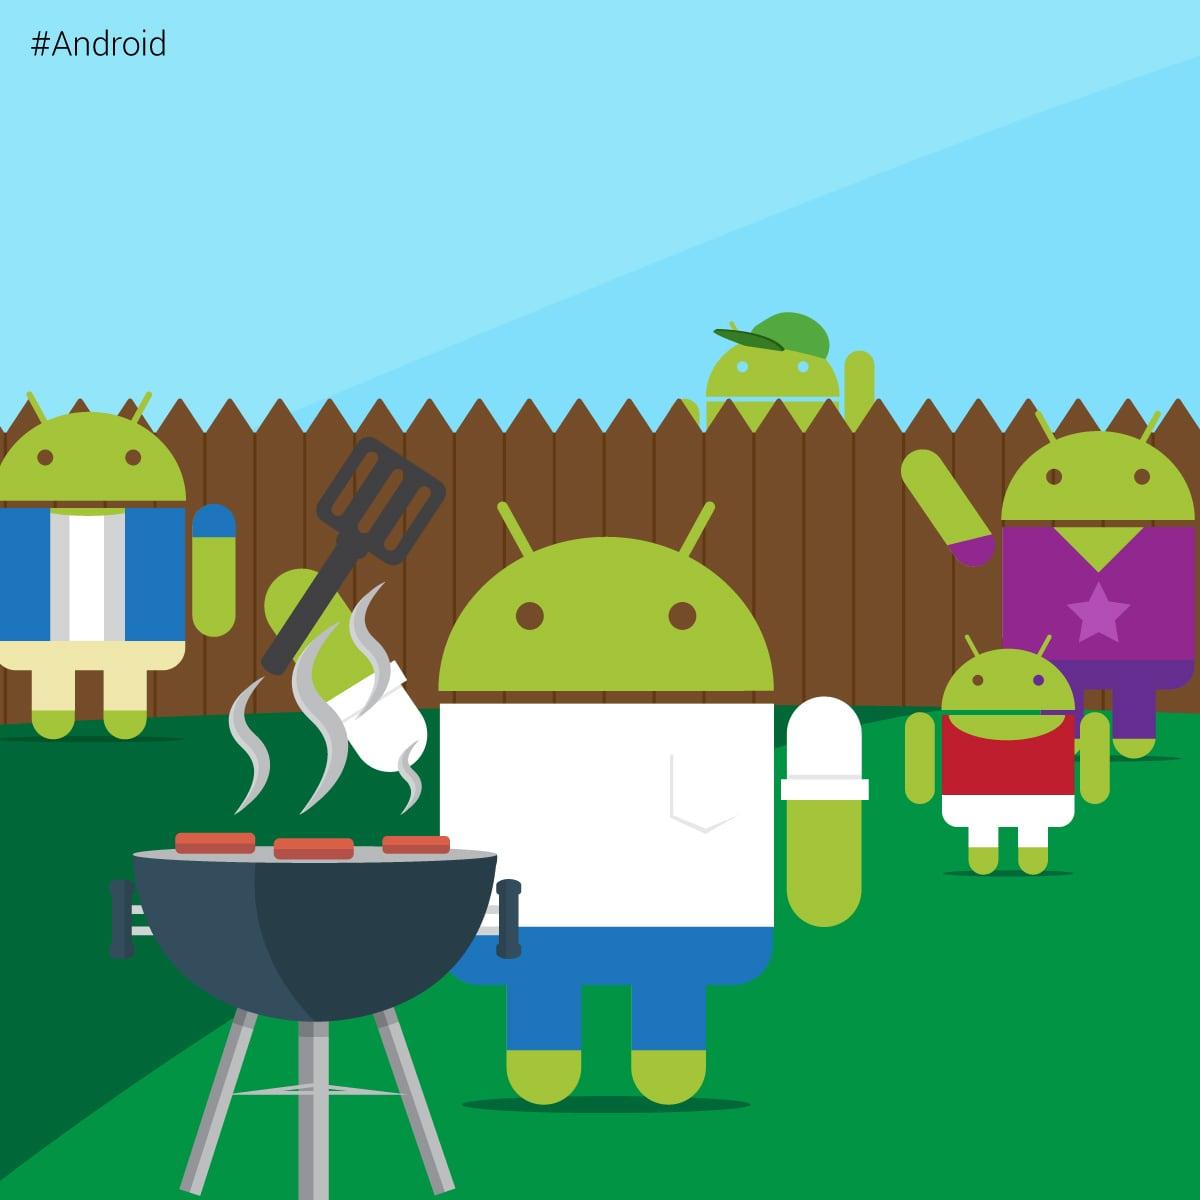 Android continua a crescere in Italia secondo gli ultimi dati di Kantar